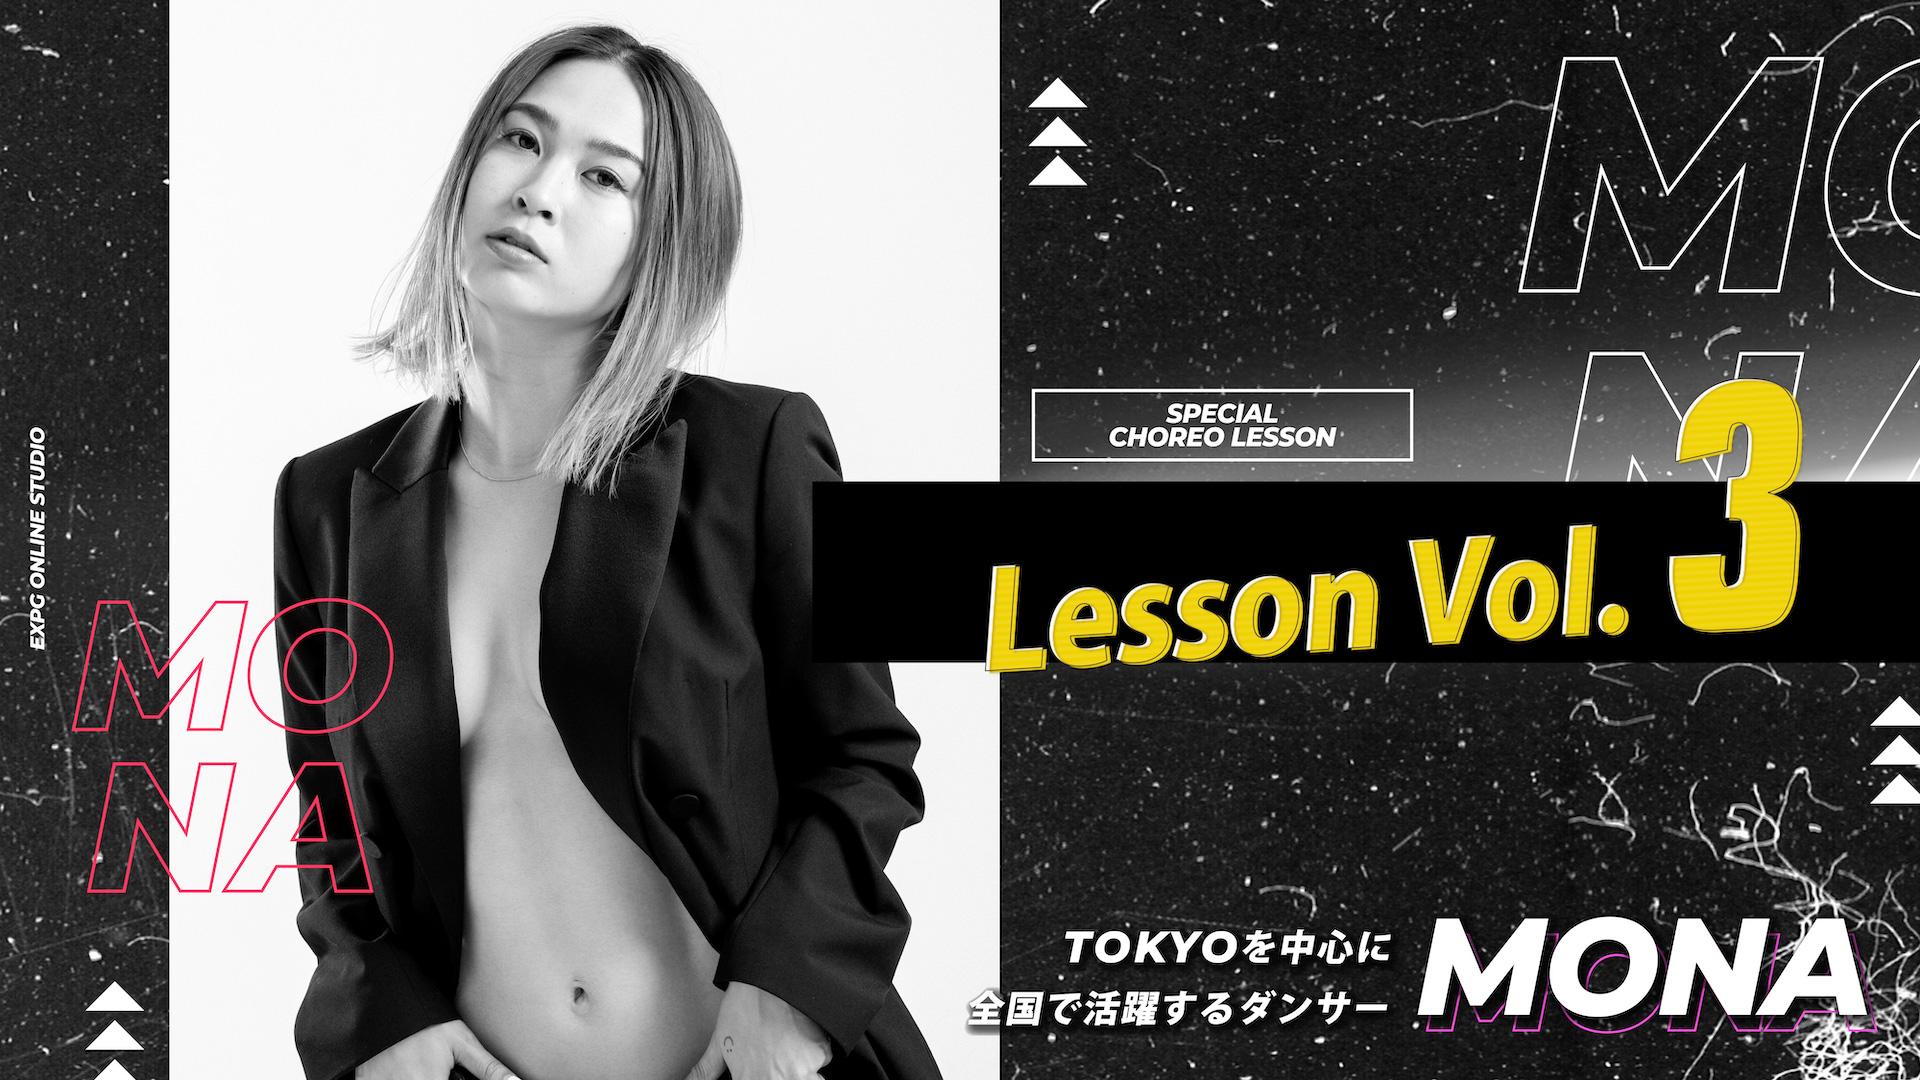 特別レッスン / MONA Lesson Vol.3